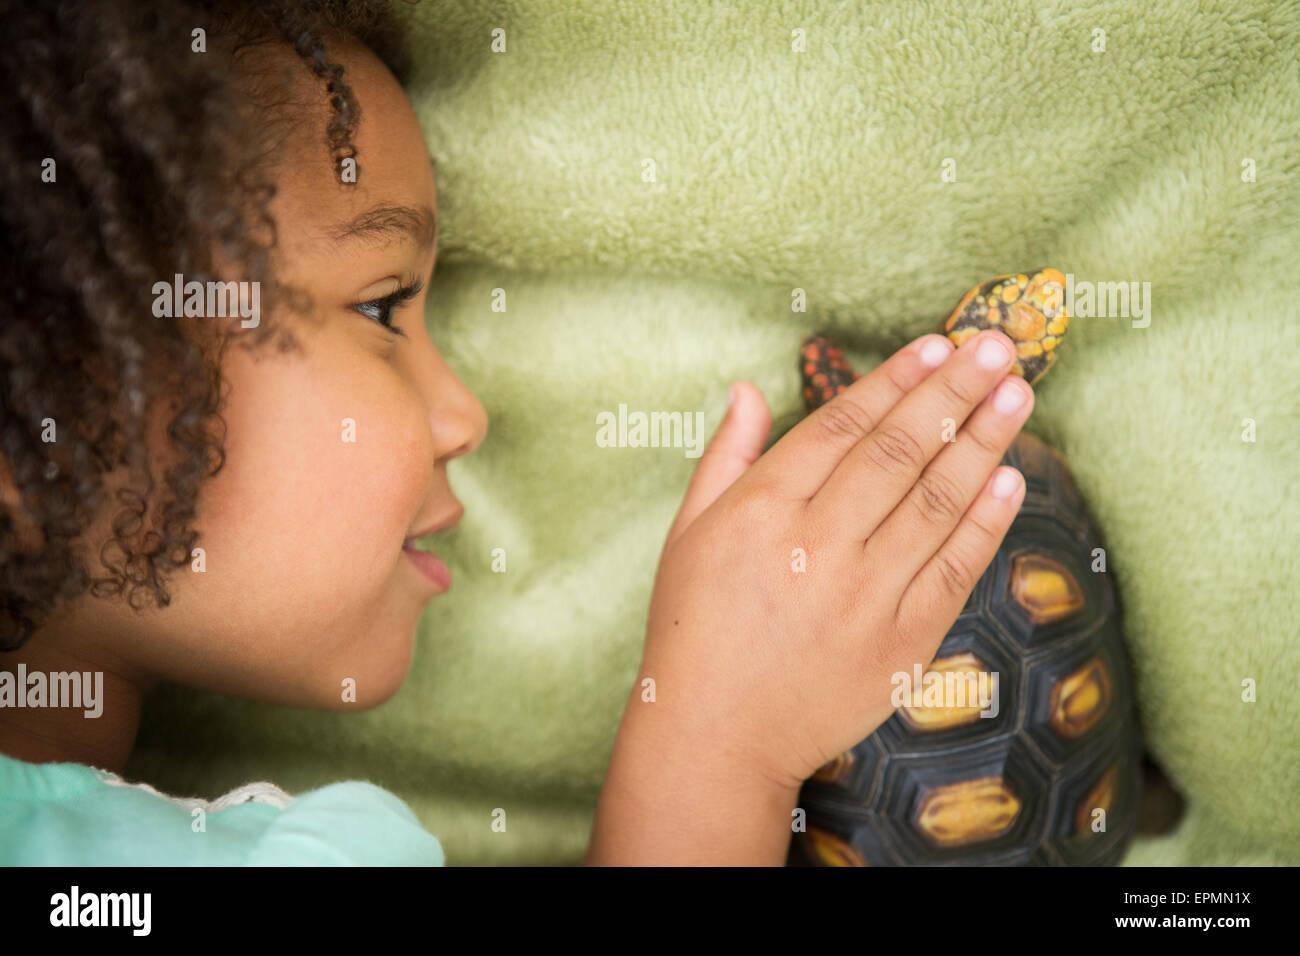 Ein junges Mädchen eng mit Blick auf eine Schildkröte. Stockbild